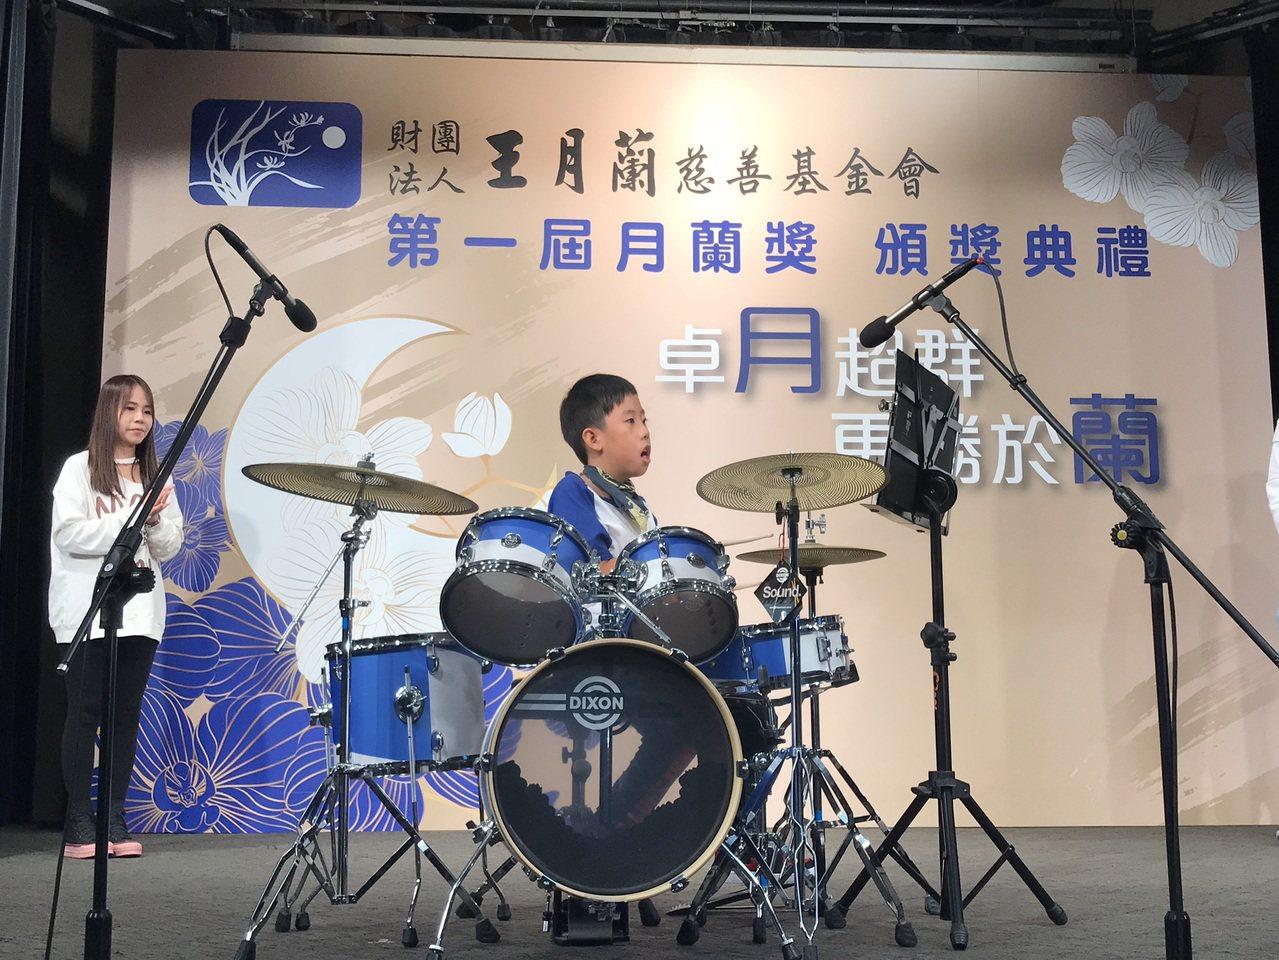 獲頒王月蘭慈善基金會月蘭獎的連敏哲,超越身體限制,今在典禮上打鼓,以鼓聲傳達永不...